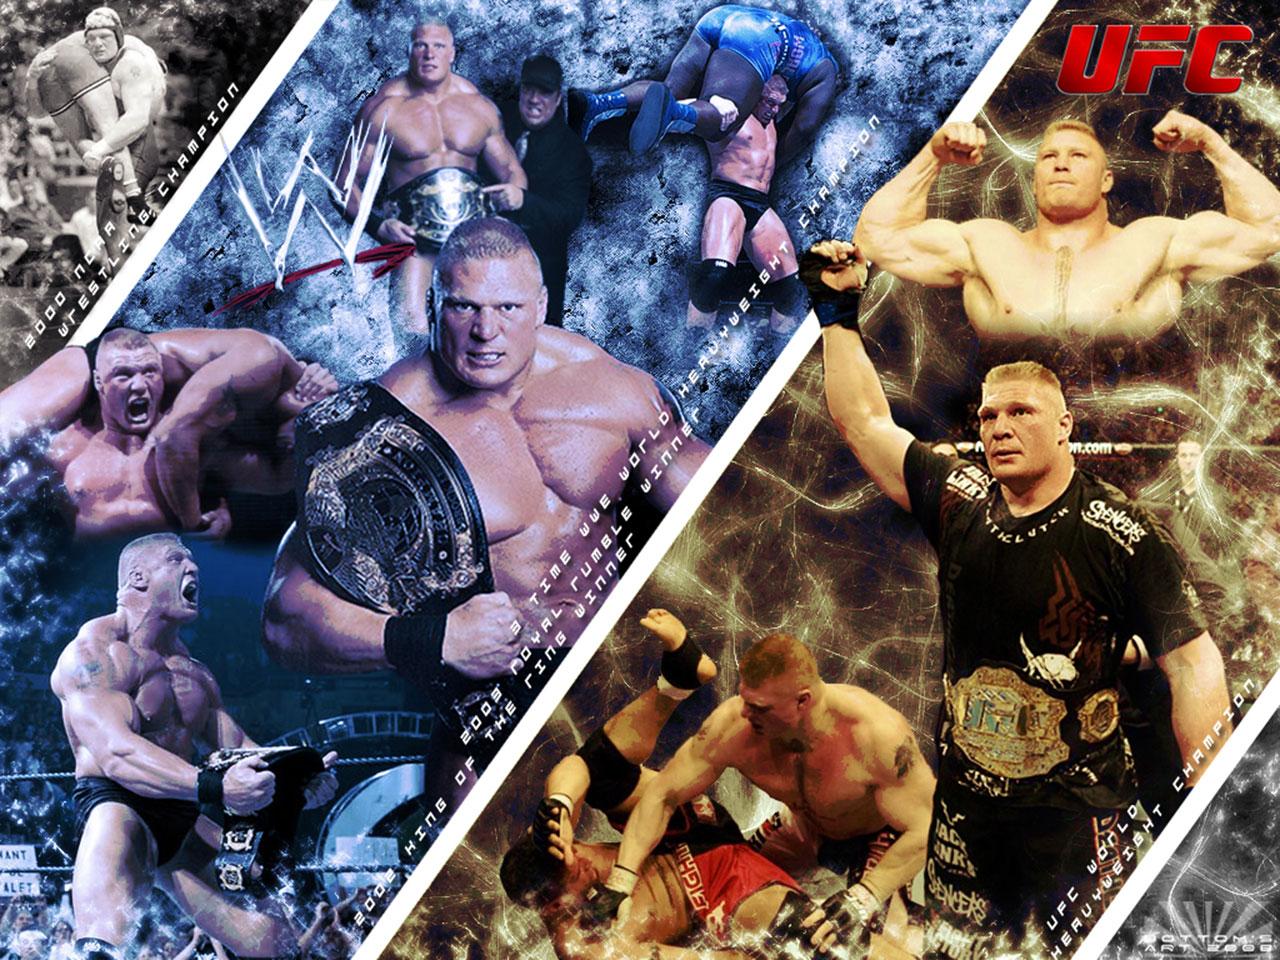 http://1.bp.blogspot.com/-N51I9whBg3M/TgdRxxyQWTI/AAAAAAAAHvM/surS-wRxt8I/s1600/Brock-Lesnar-UFC-Wallpaper.jpg